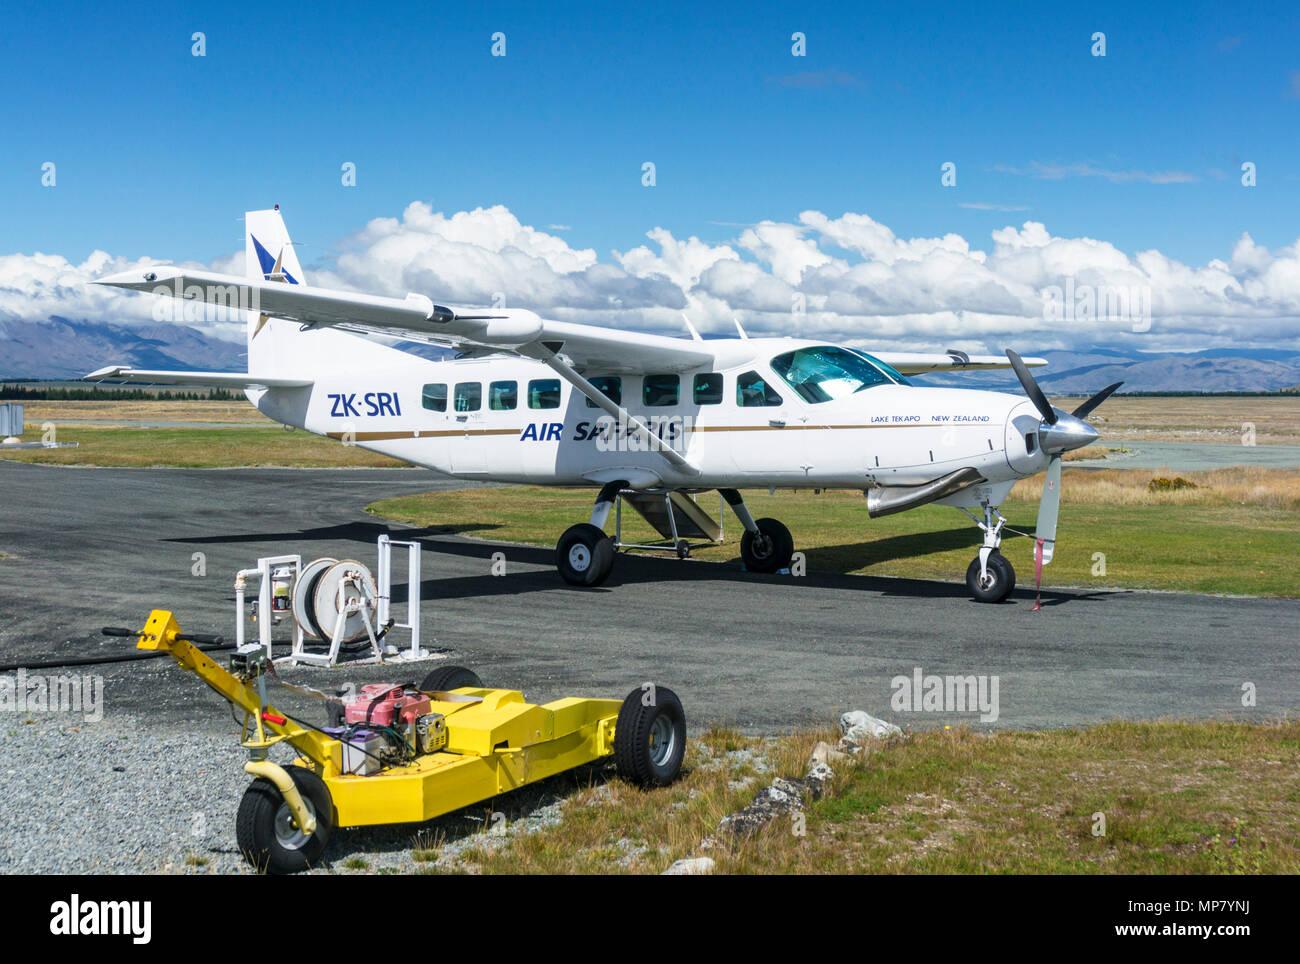 Air safari lac Tekapo vols panoramiques sur le Mont Cook et les glaciers du district du Mackenzie et la région de l'île du sud Nouvelle-zélande nz Photo Stock